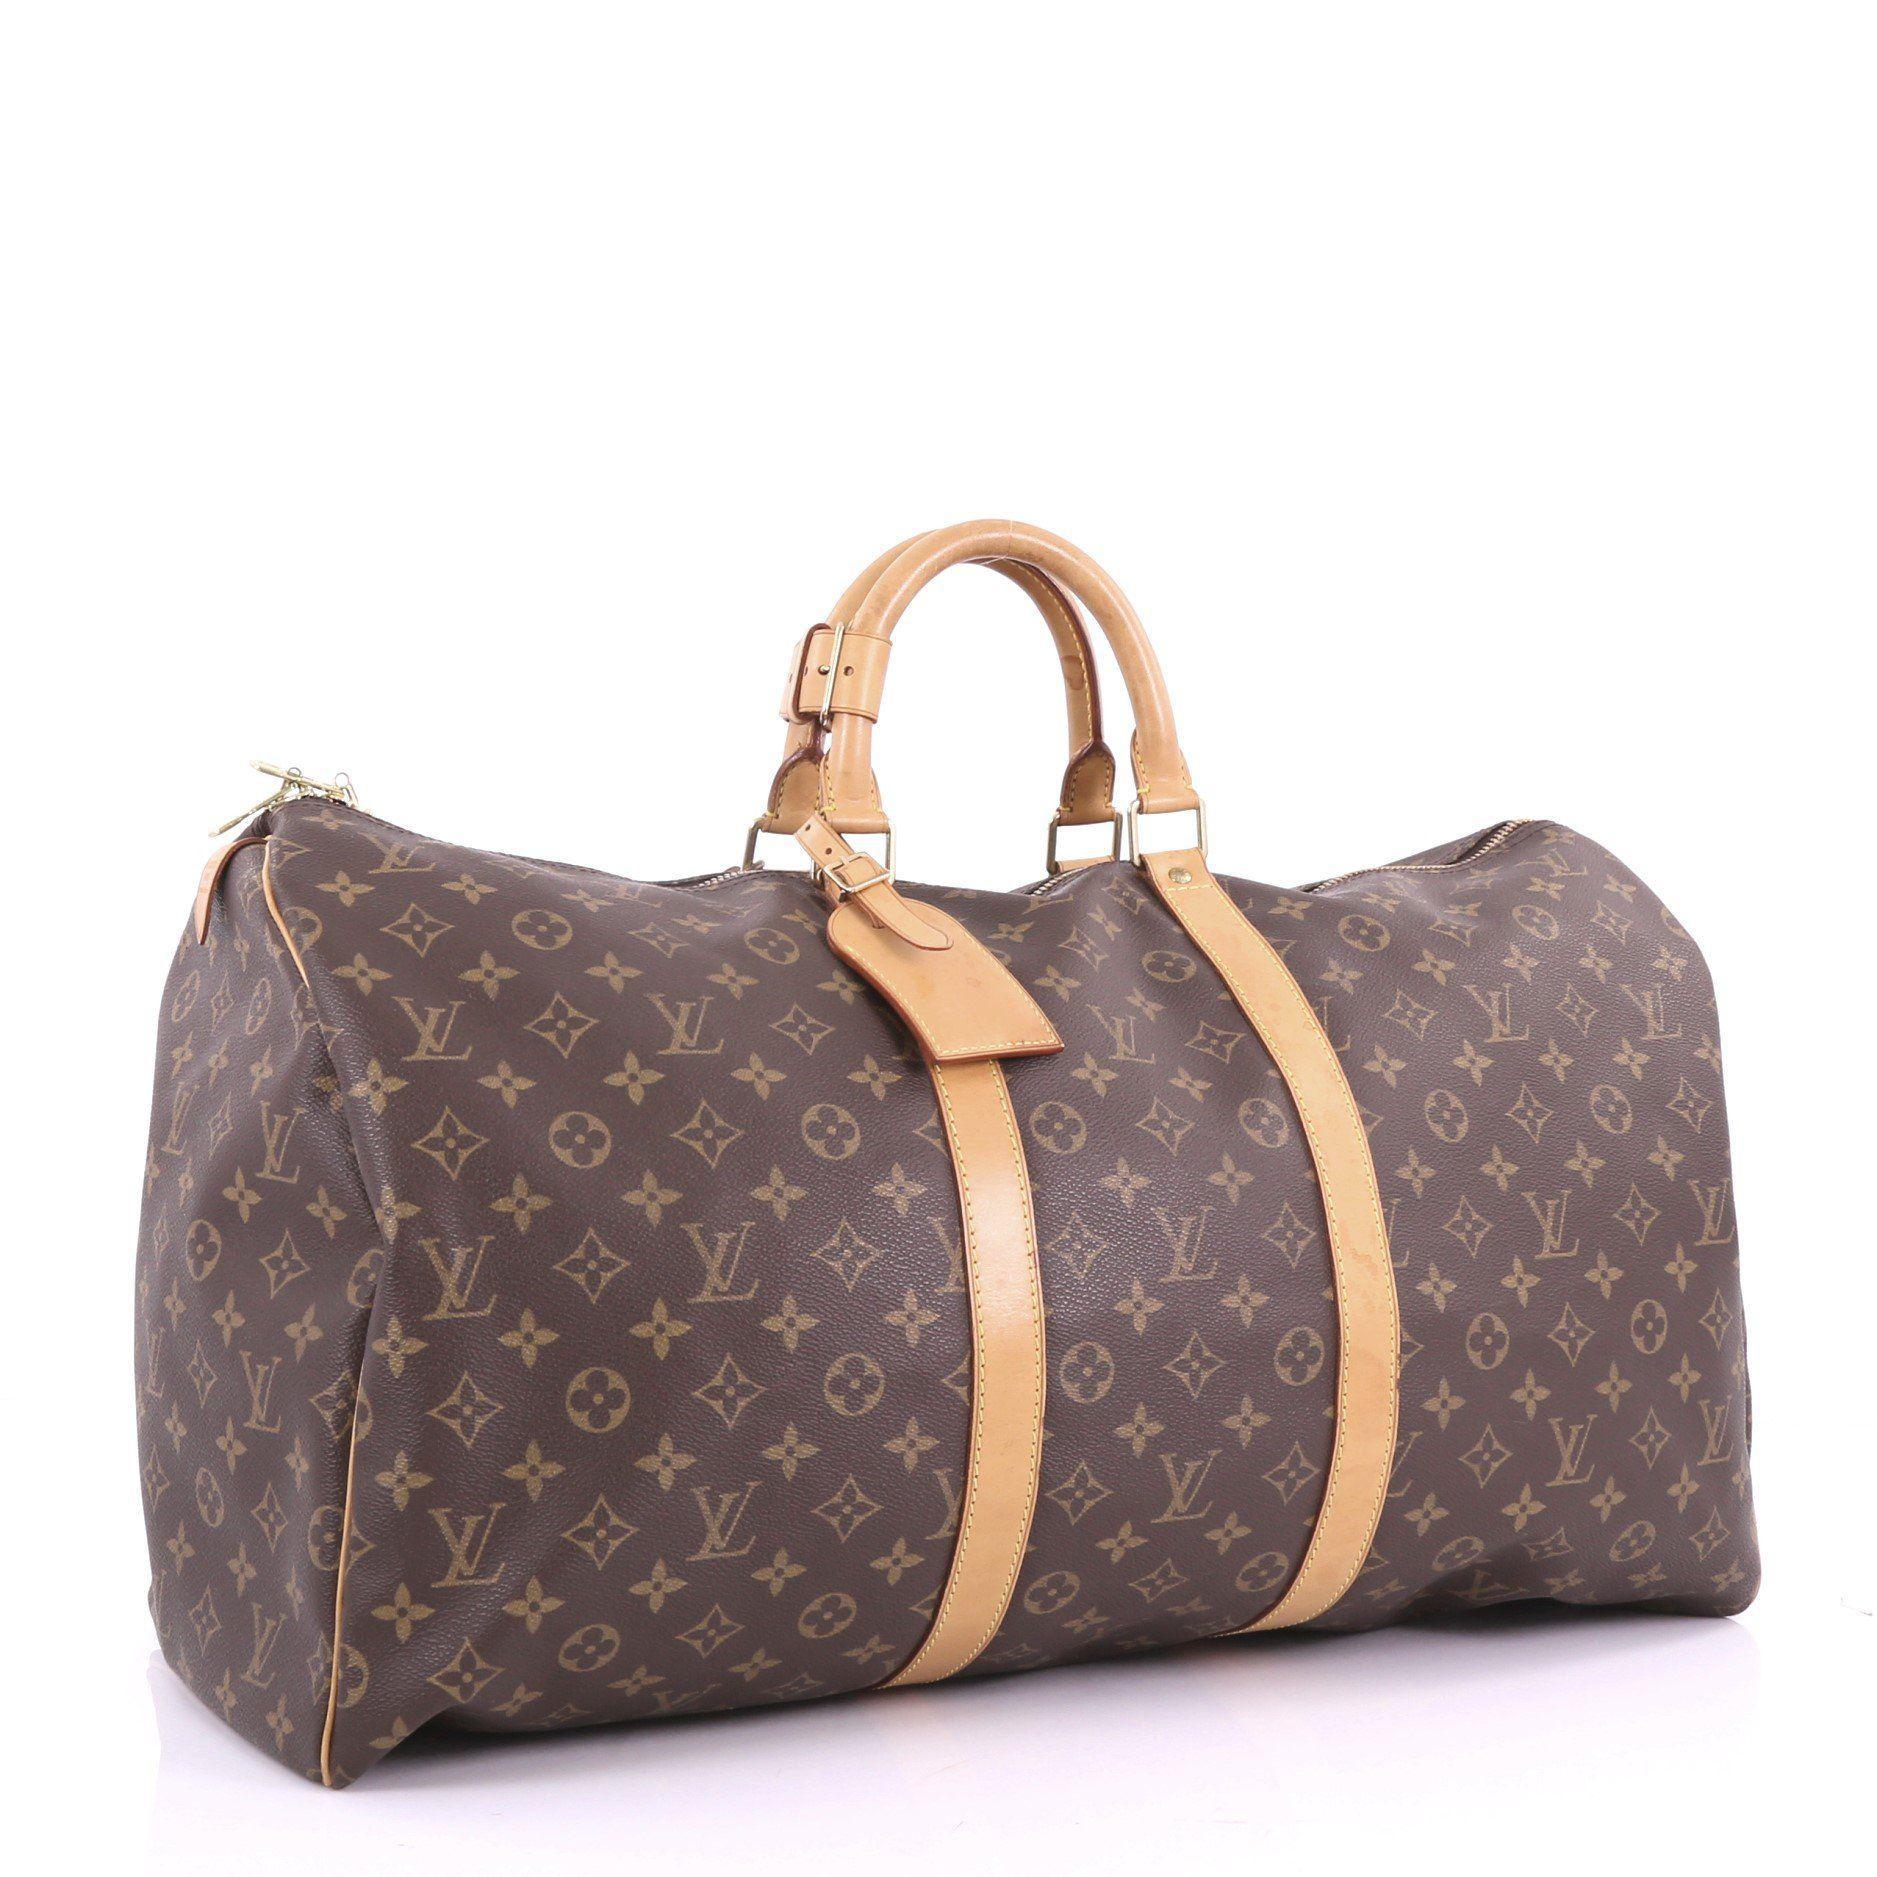 ffe6a9001e07 Louis Vuitton - Brown Pre Owned Keepall Bag Monogram Canvas 55 - Lyst. View  fullscreen